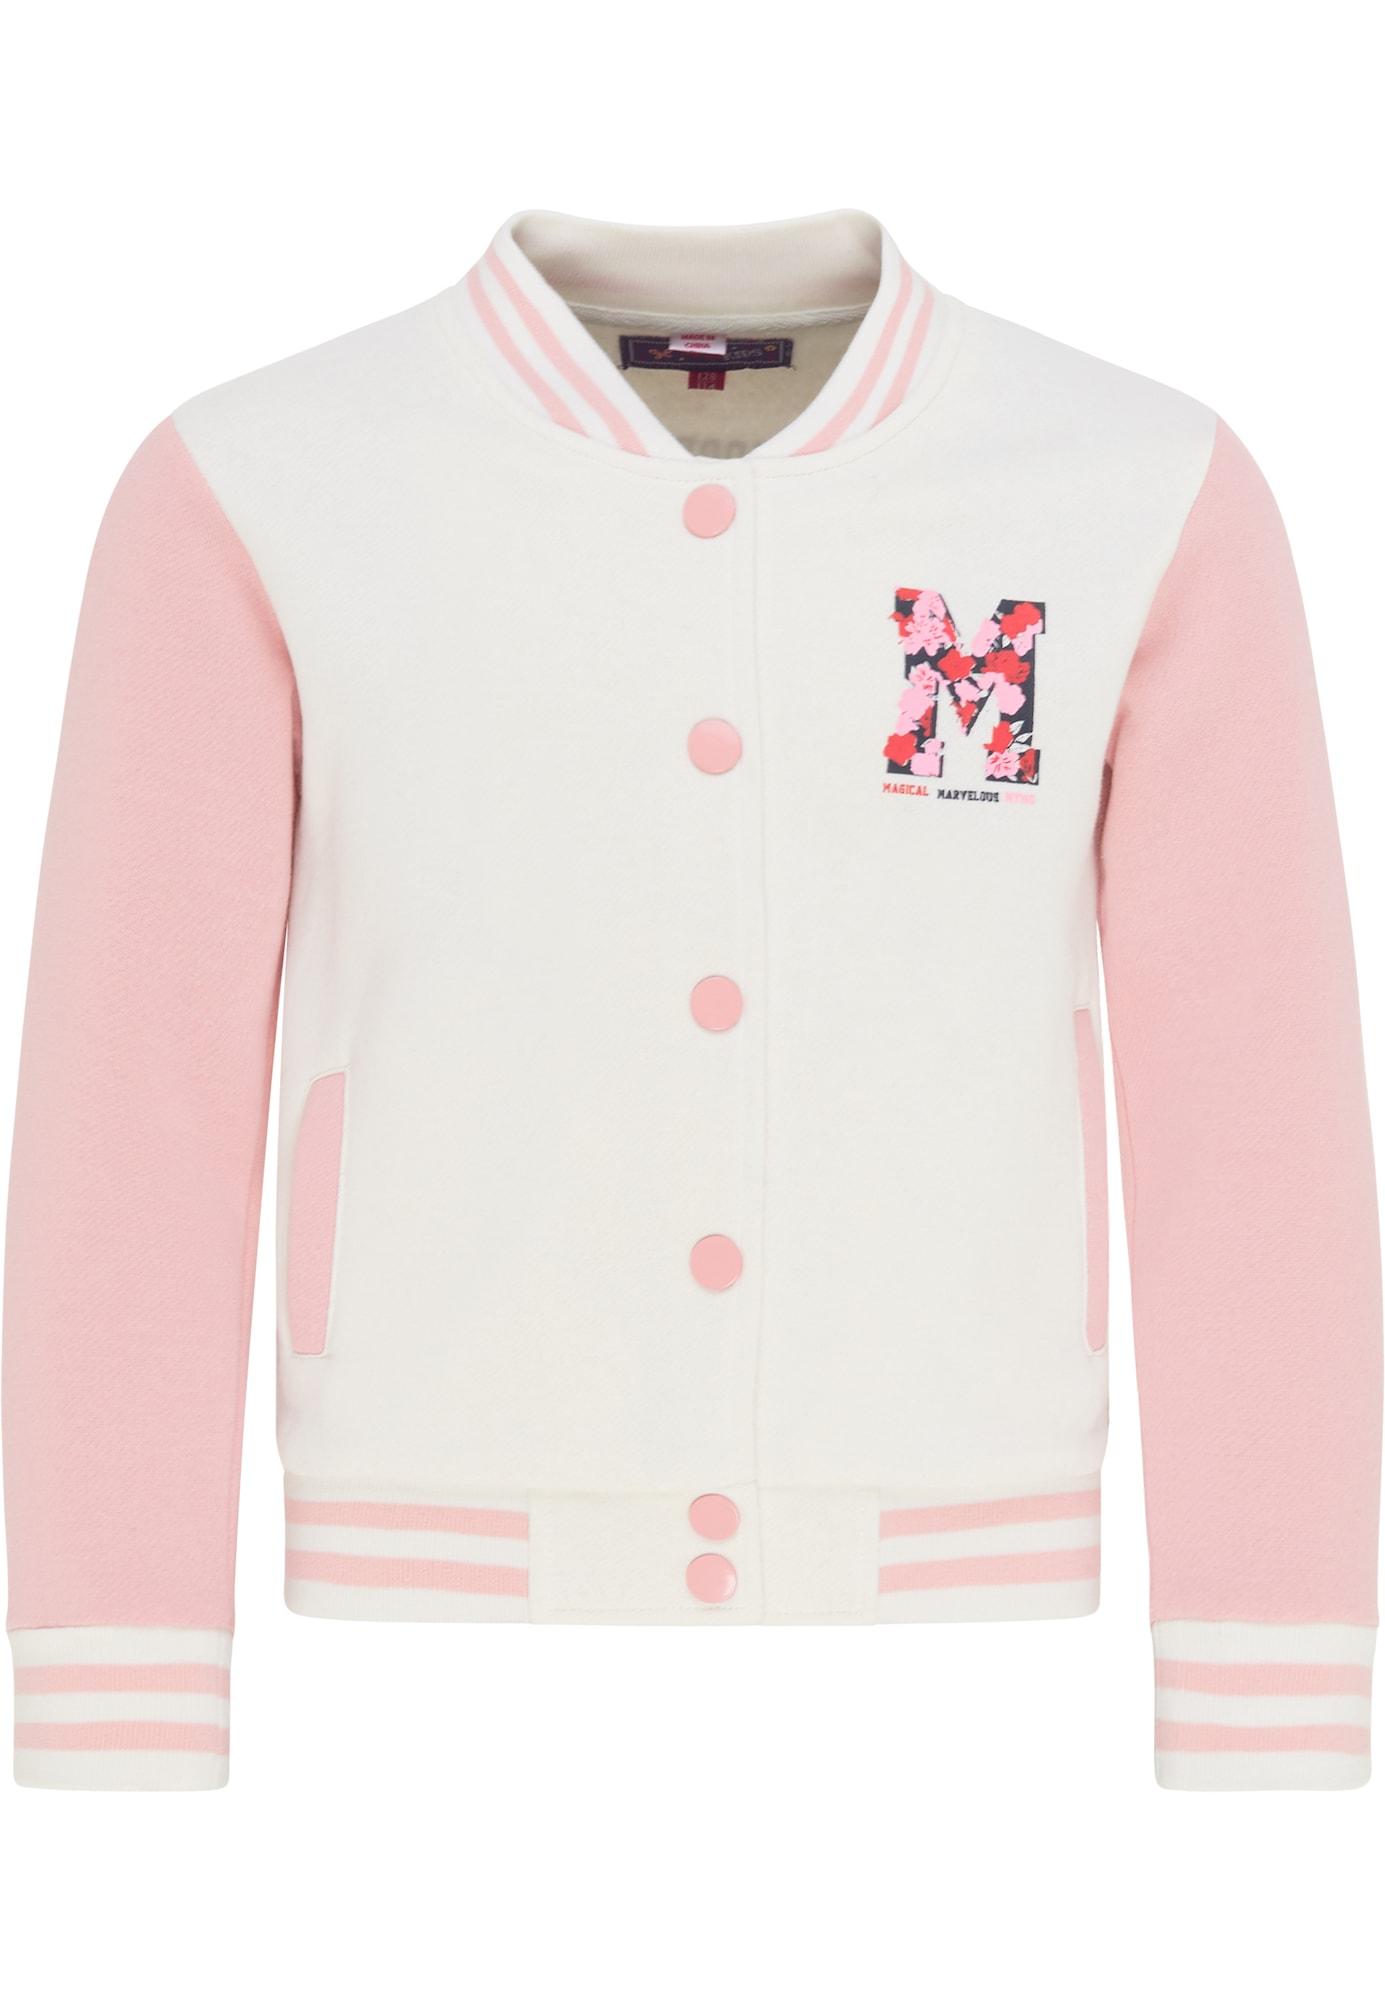 myMo KIDS Džemperis natūrali balta / rožių spalva / juoda / šviesiai raudona